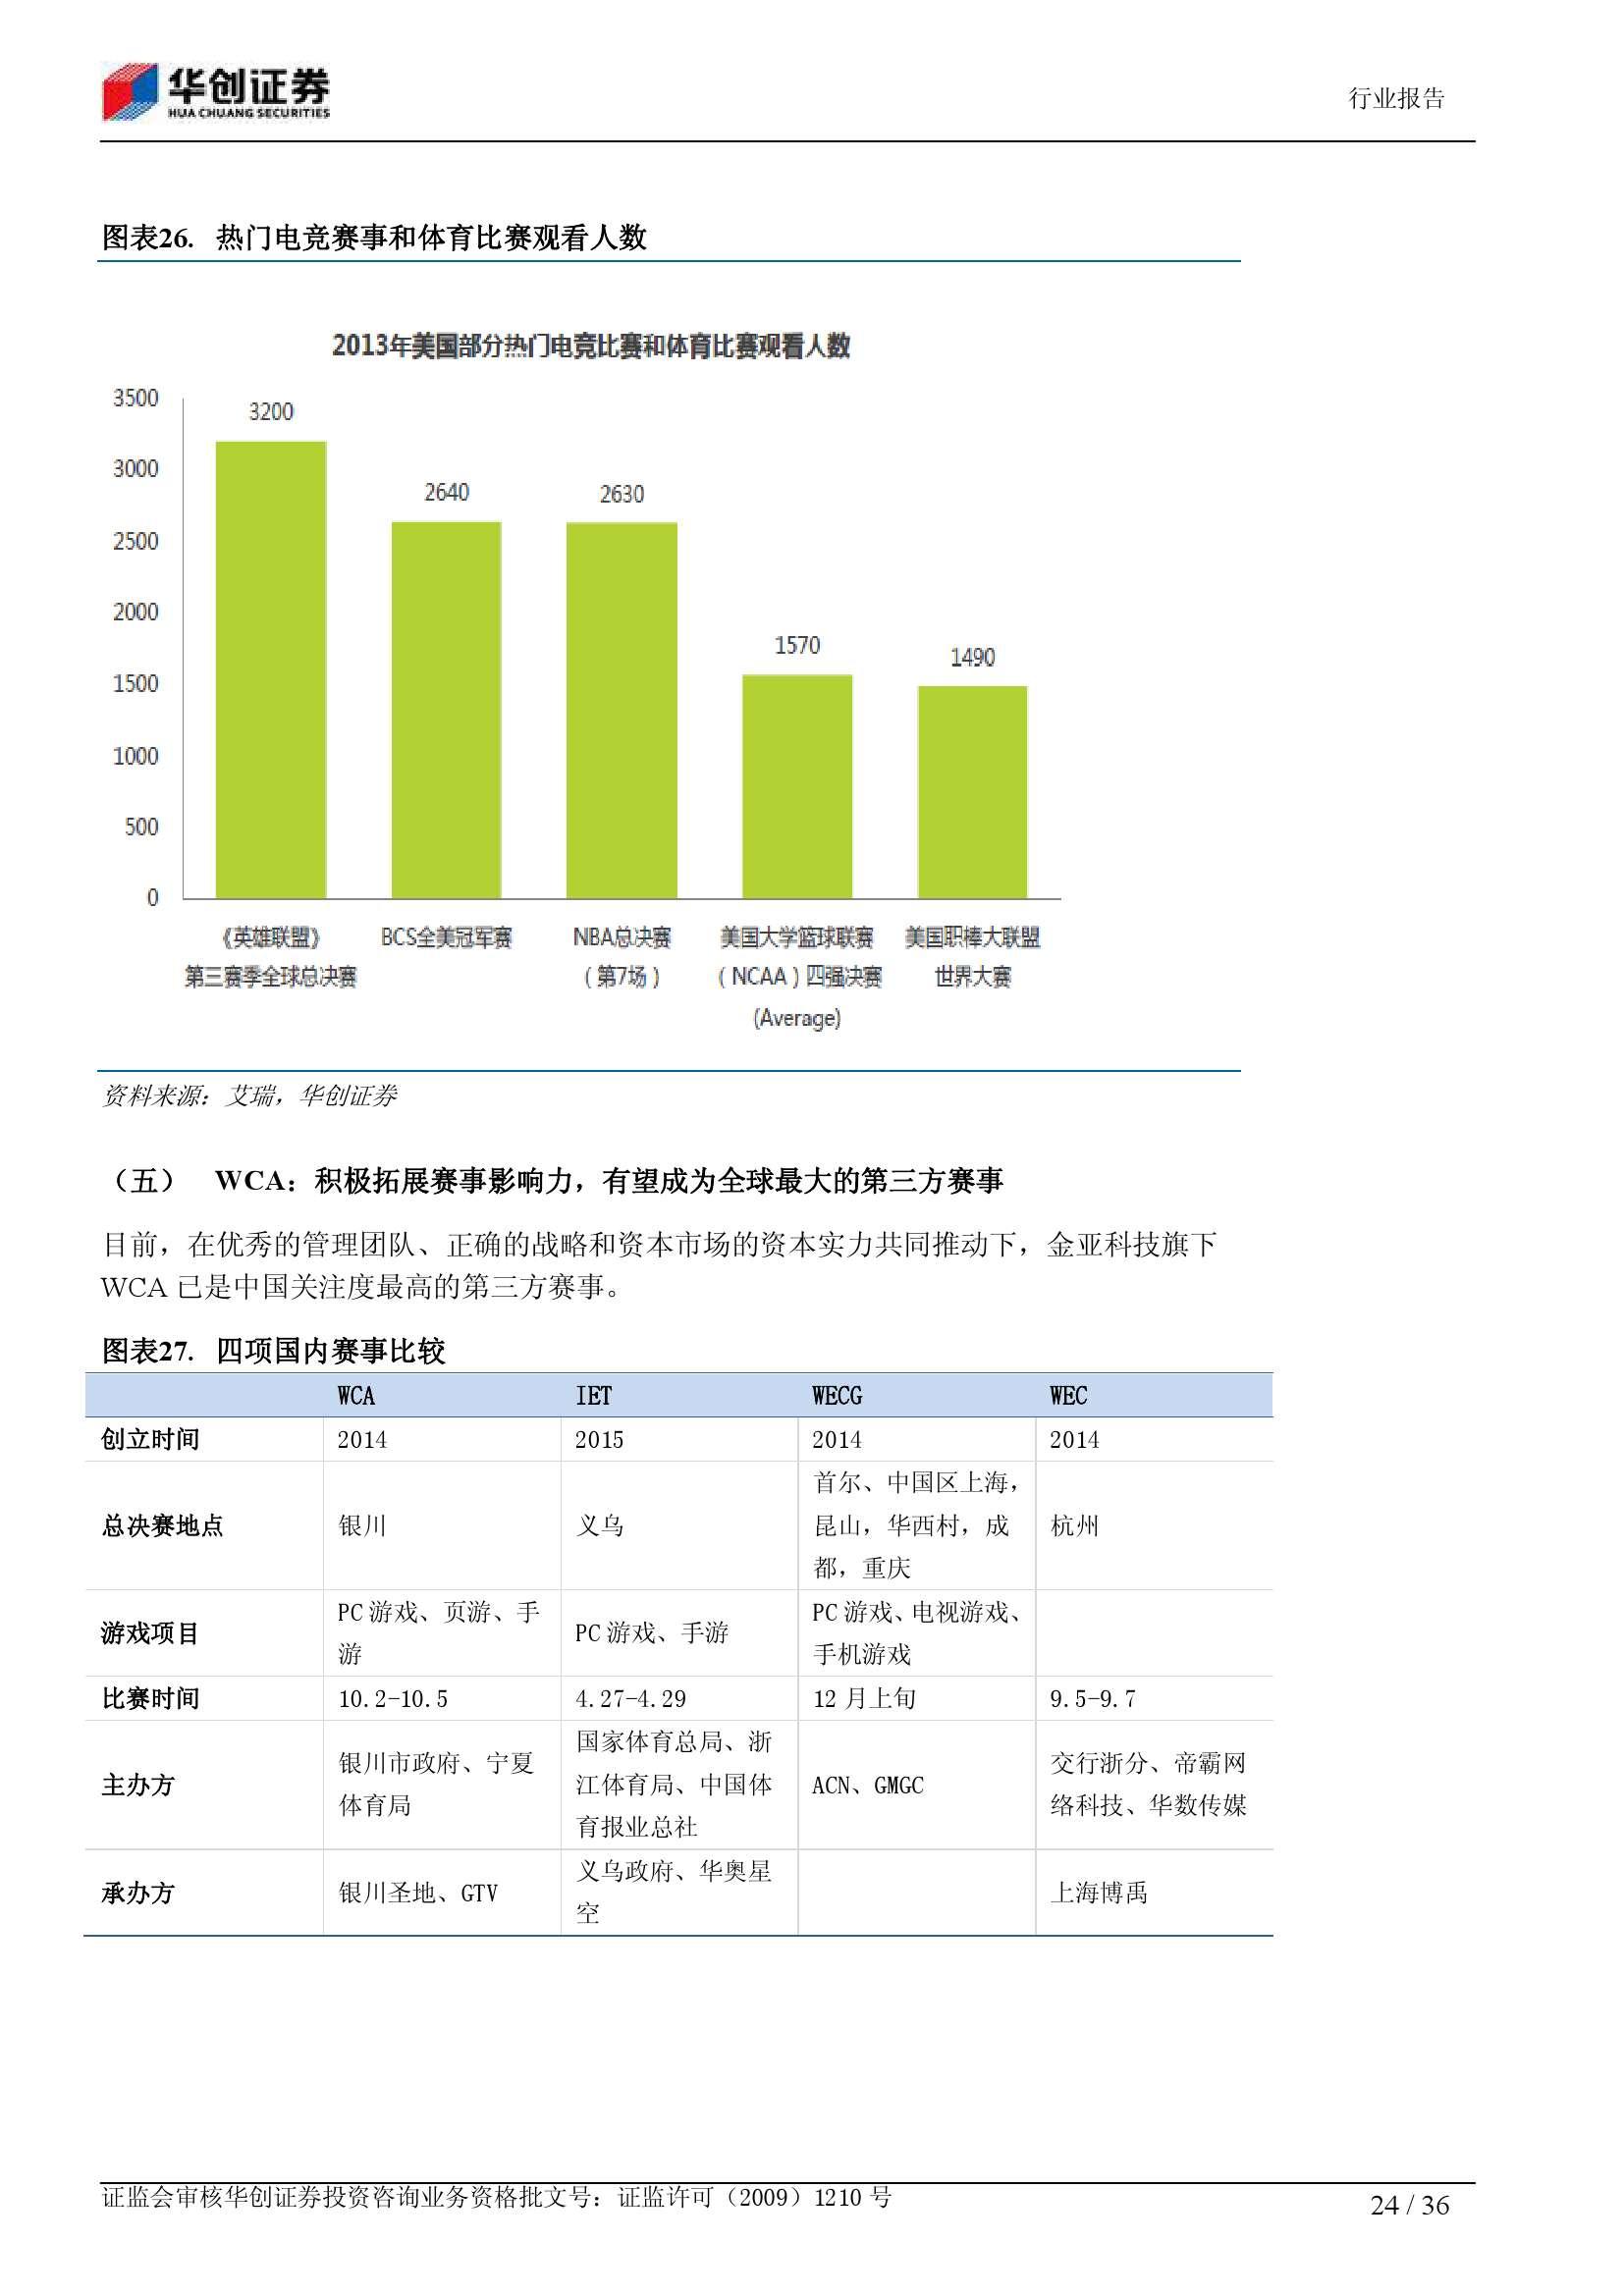 电子竞技深度报告:从小众娱乐 到千亿产业_000024